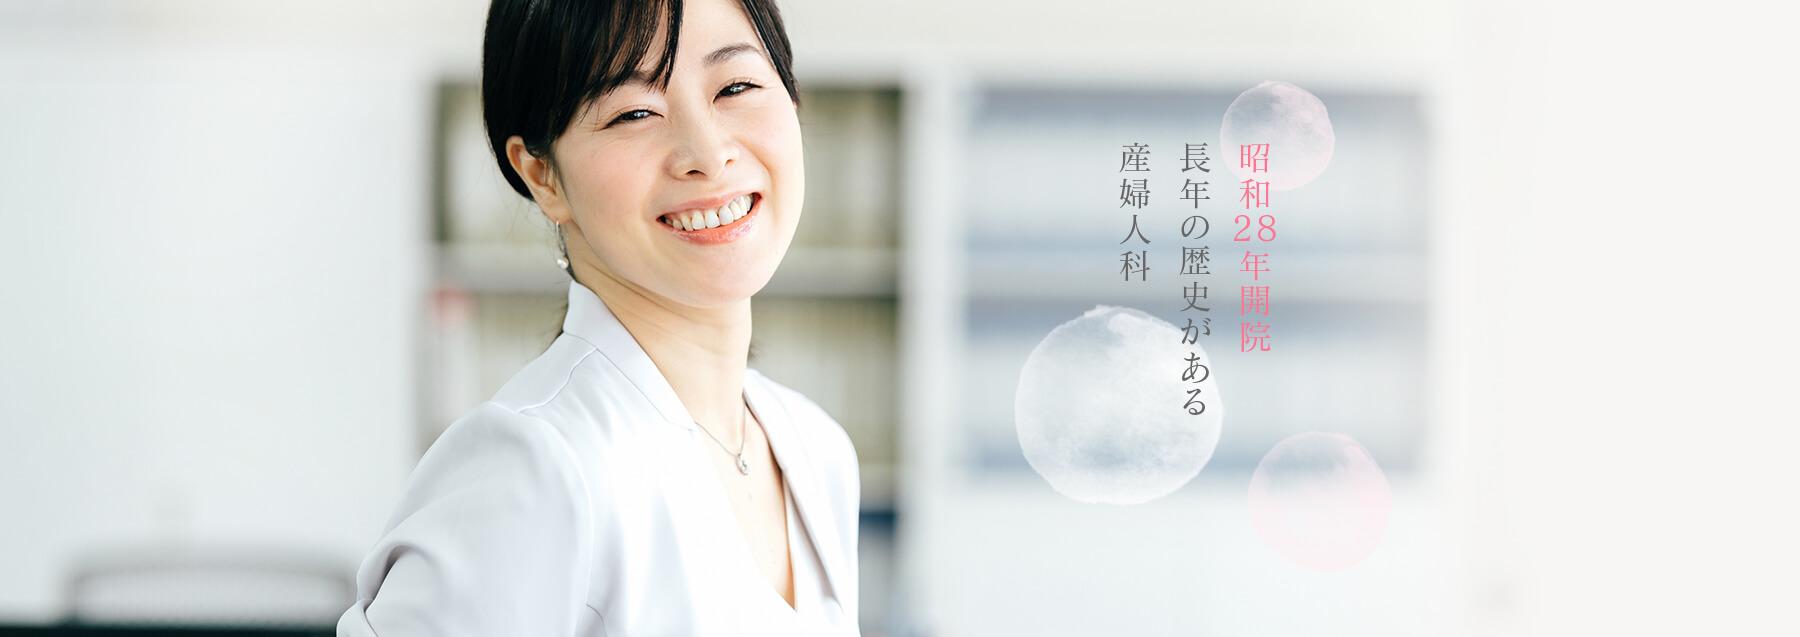 昭和28年開院 長年の歴史がある産婦人科